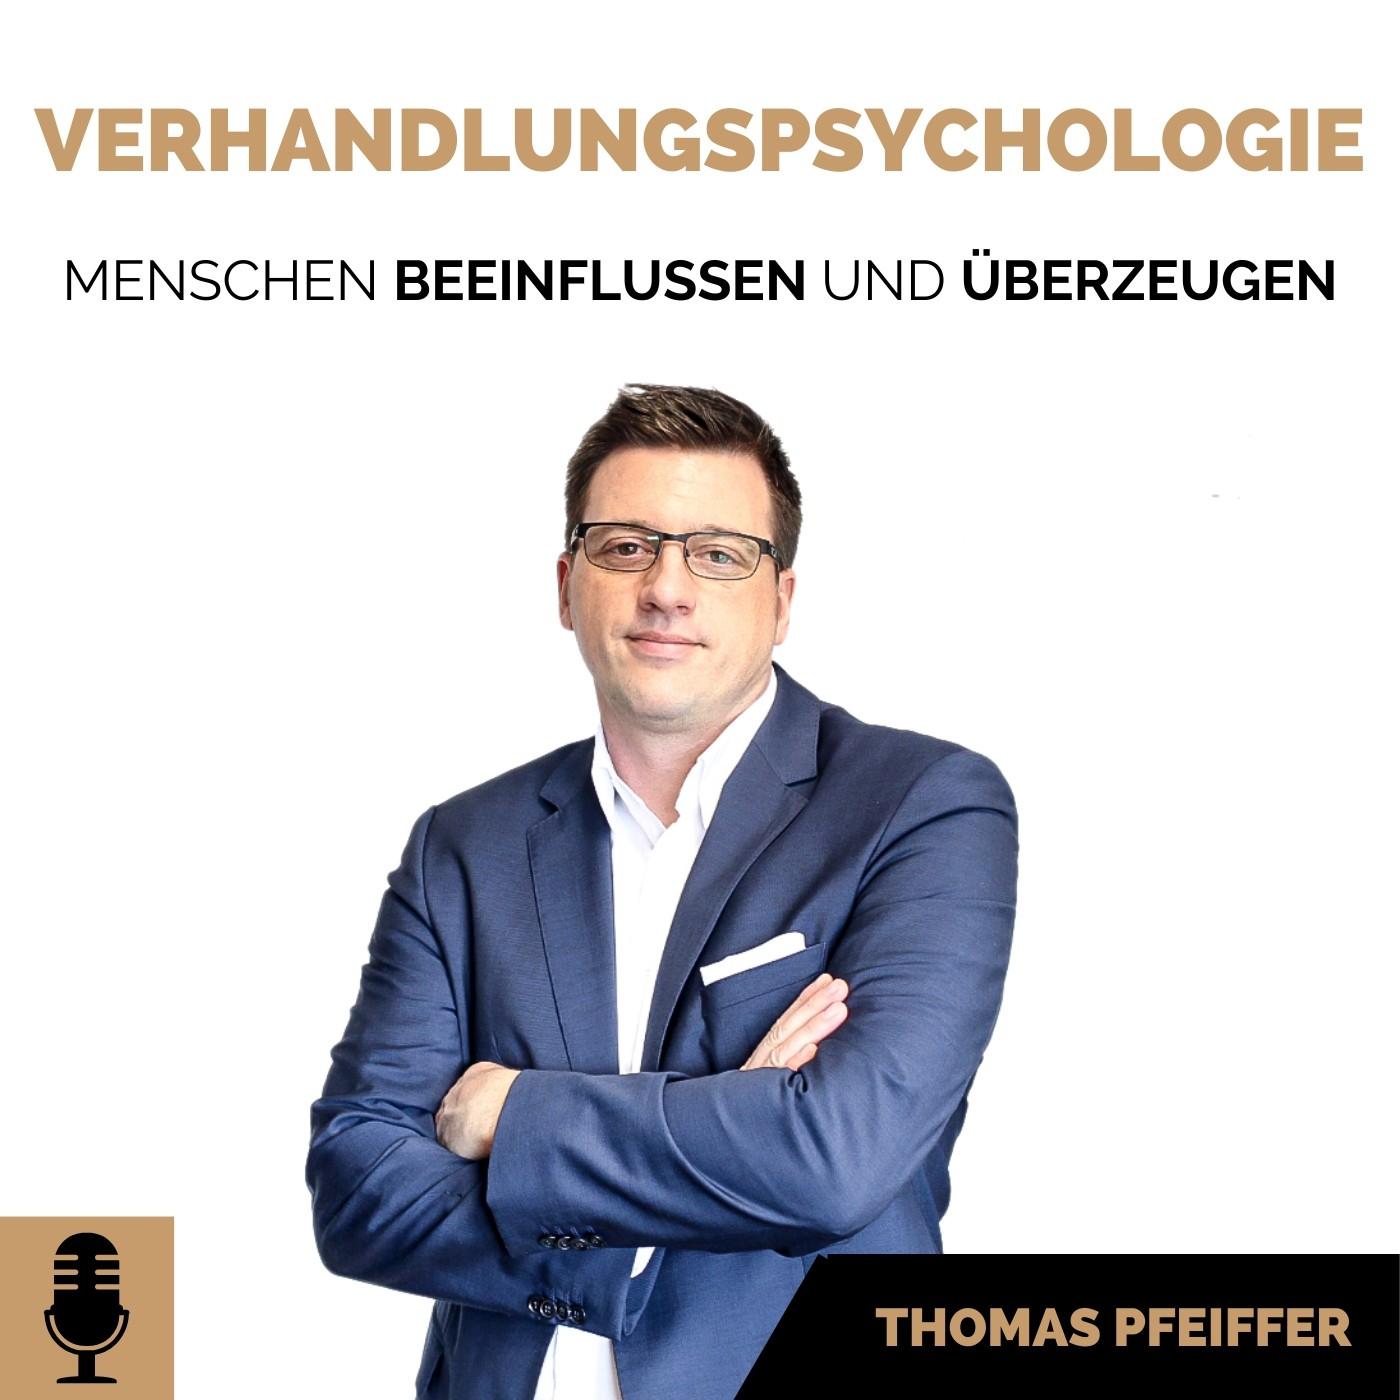 Verhandlungspsychologie - Menschen beeinflussen